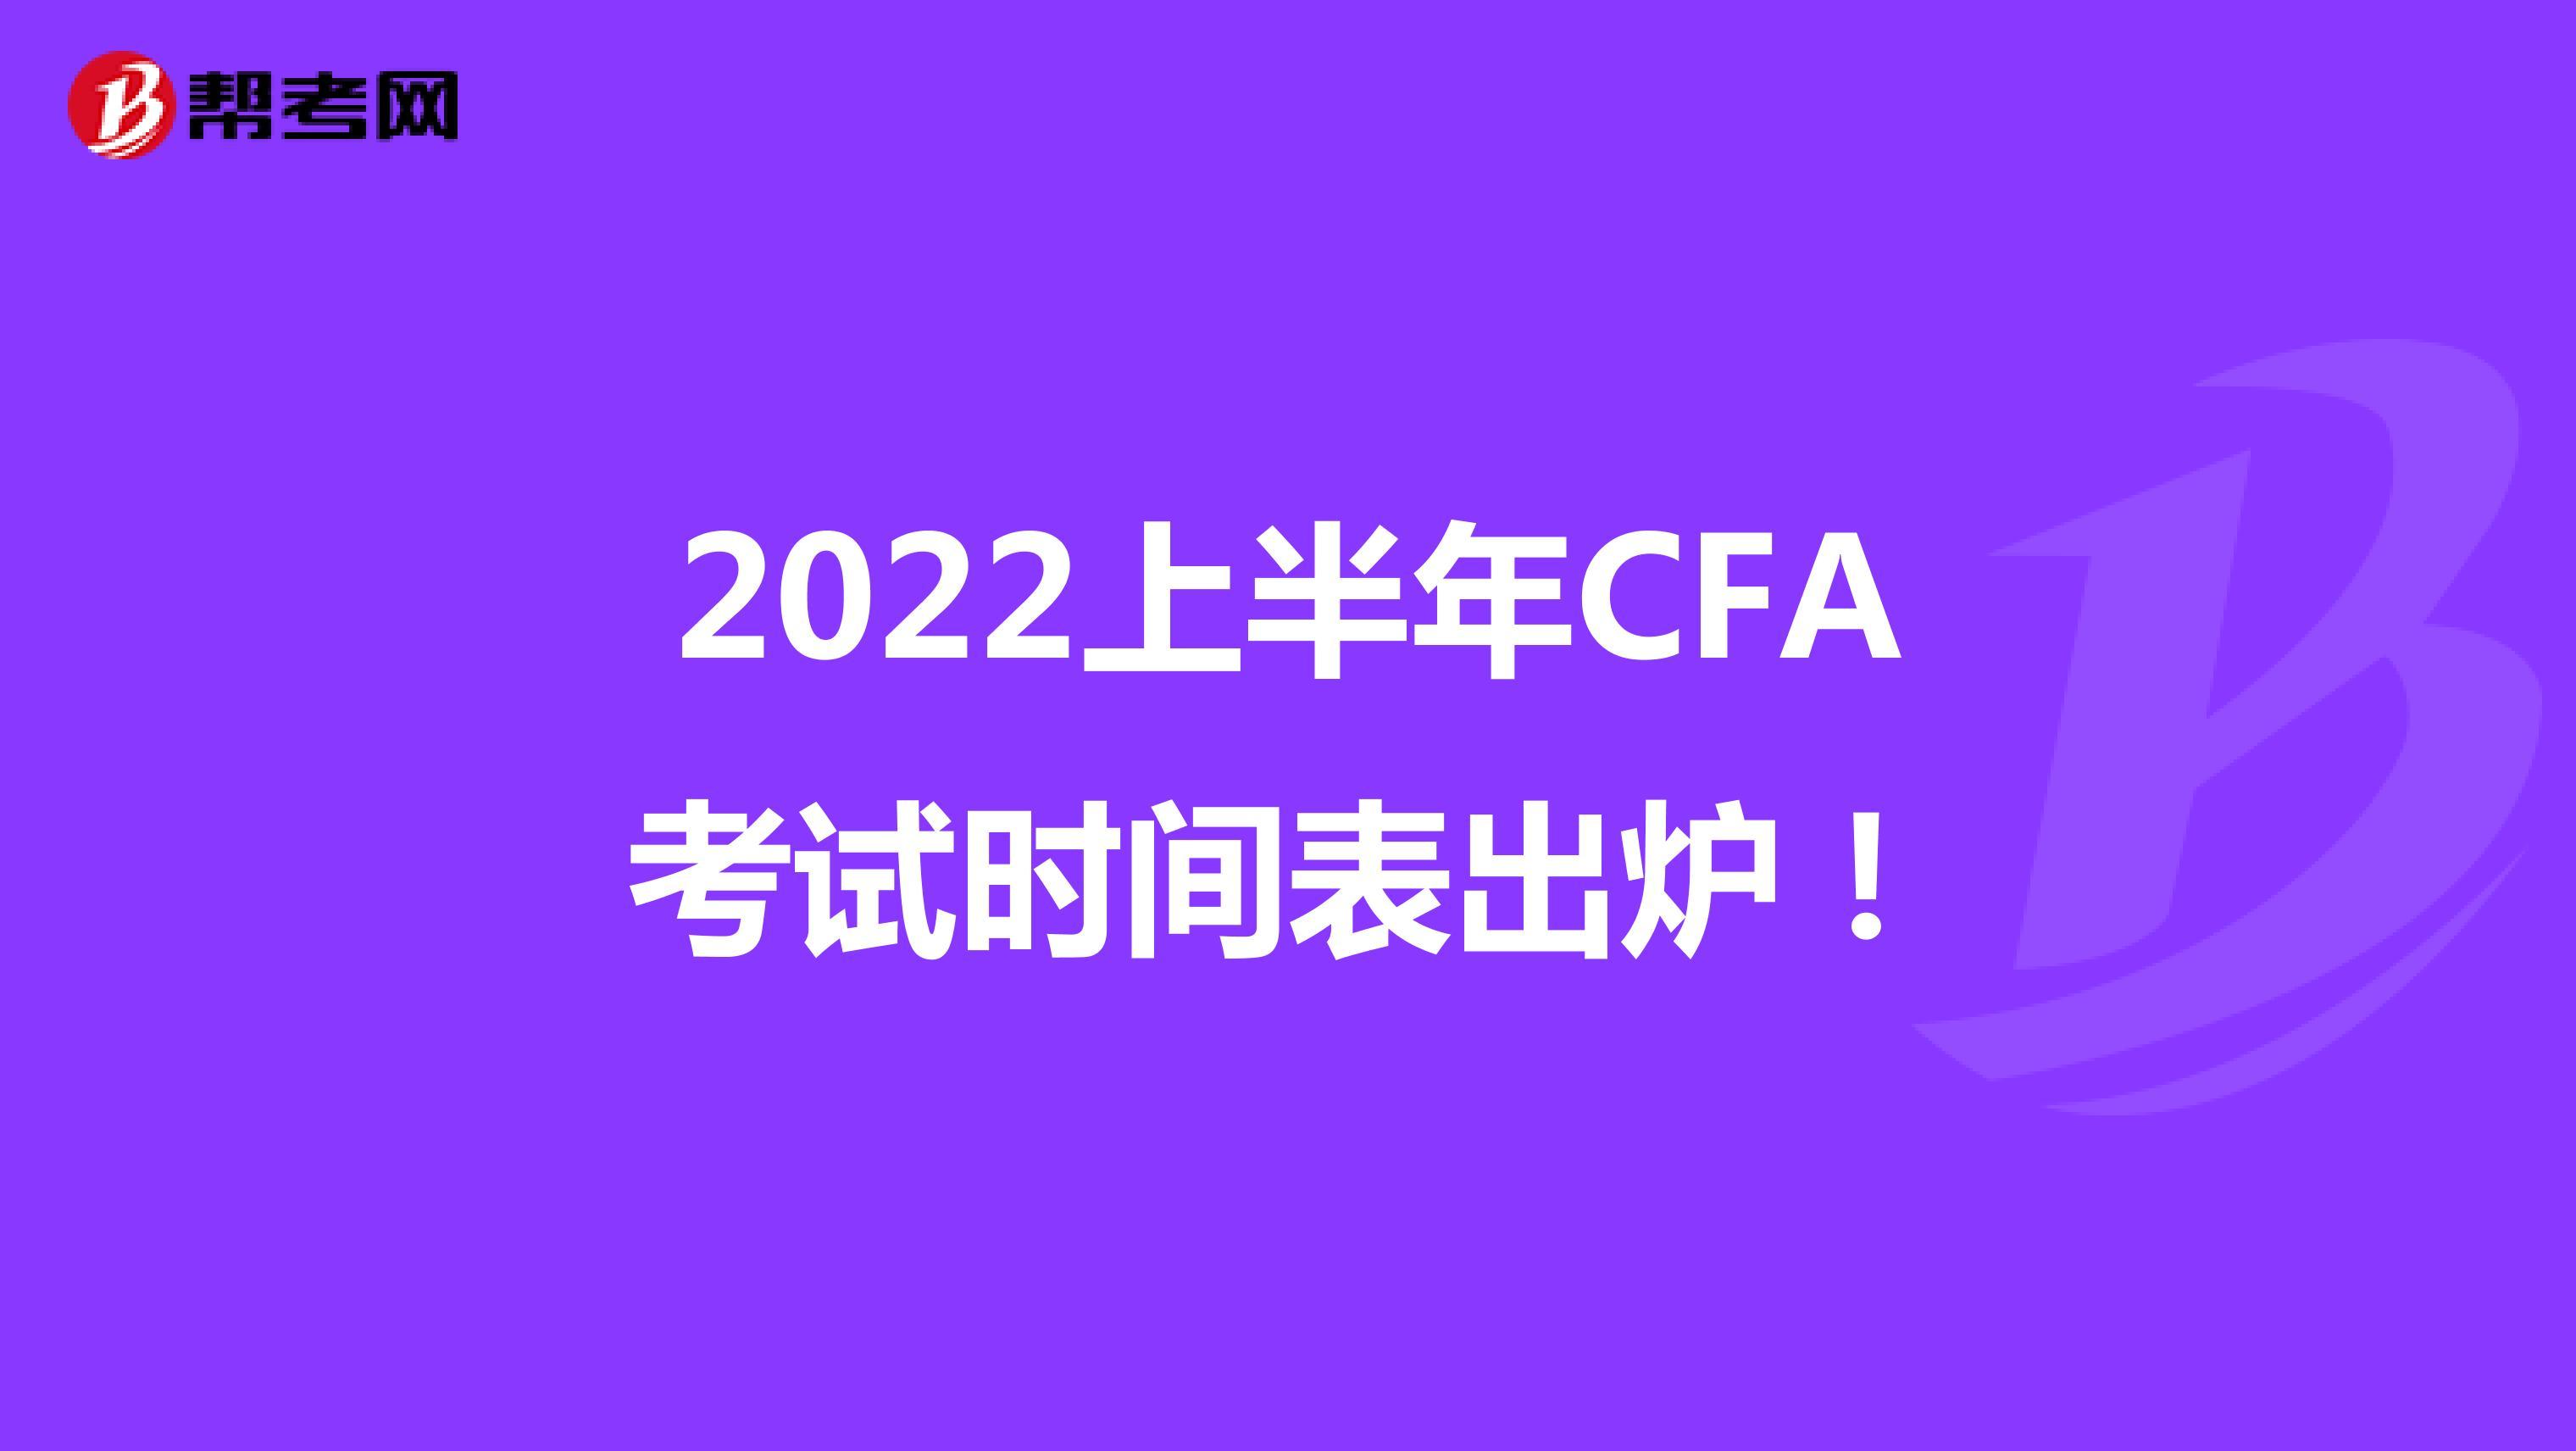 2022上半年CFA考试时间表出炉!